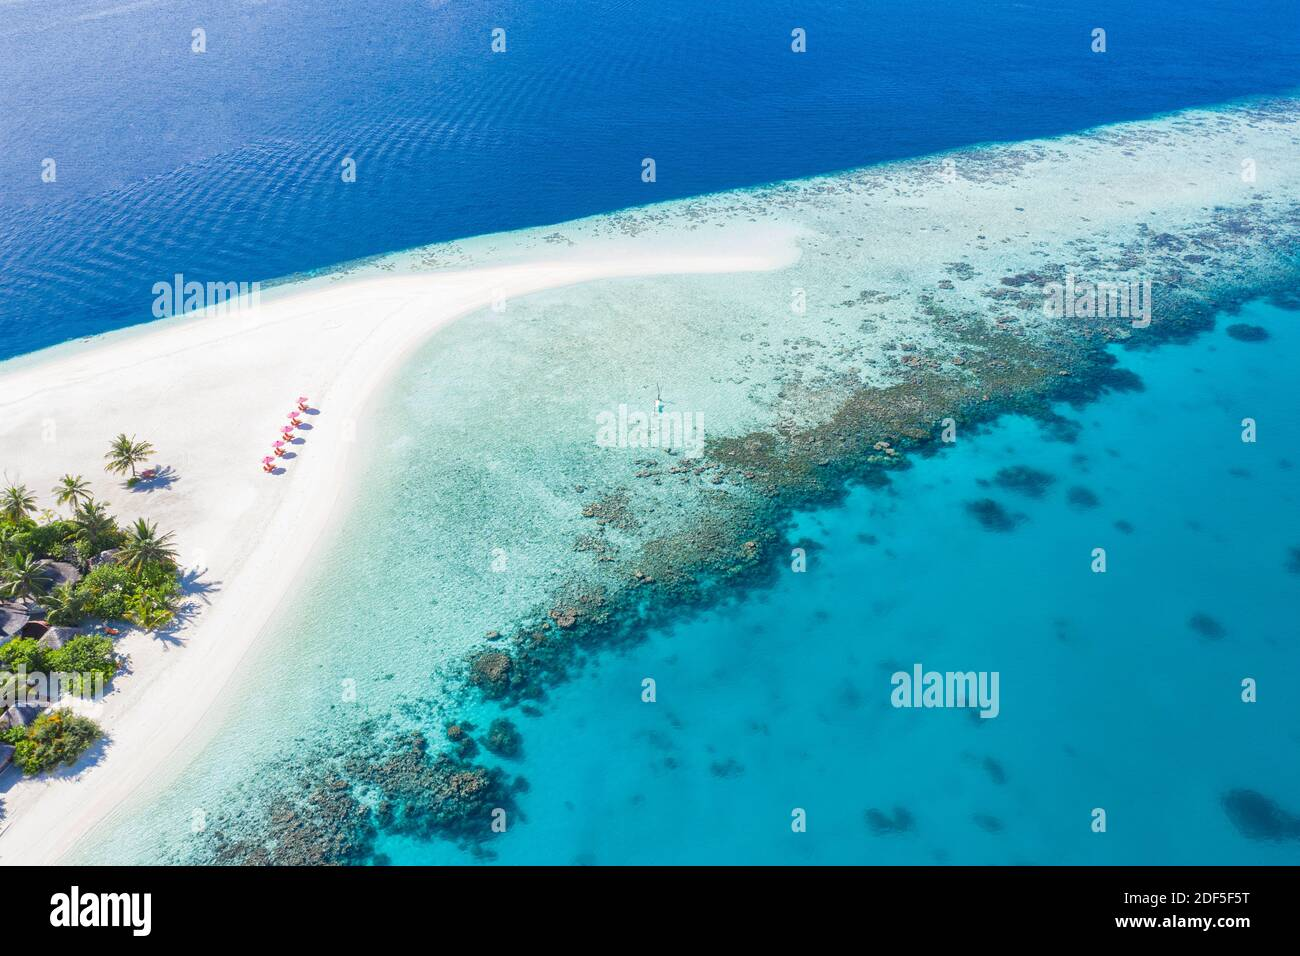 Incredibile paesaggio aereo nelle isole Maldive. Vista perfetta del mare blu e della barriera corallina dal drone o dall'aereo. Esotico viaggio estivo e paesaggio di vacanza Foto Stock